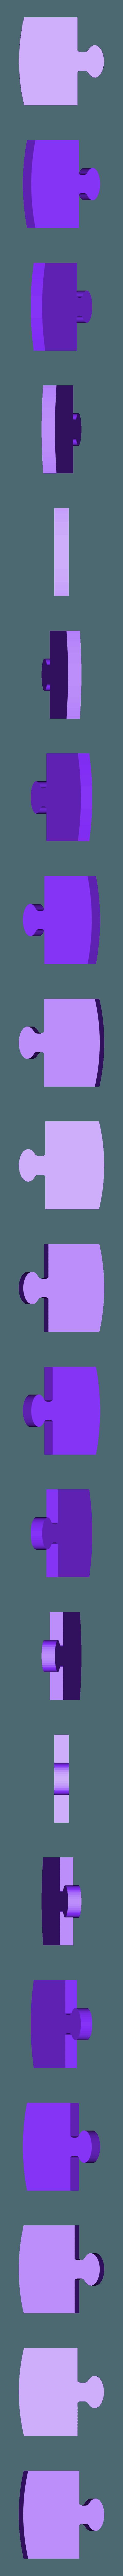 A2.stl Télécharger fichier STL gratuit Plaque de puzzle • Plan à imprimer en 3D, quangdo1700